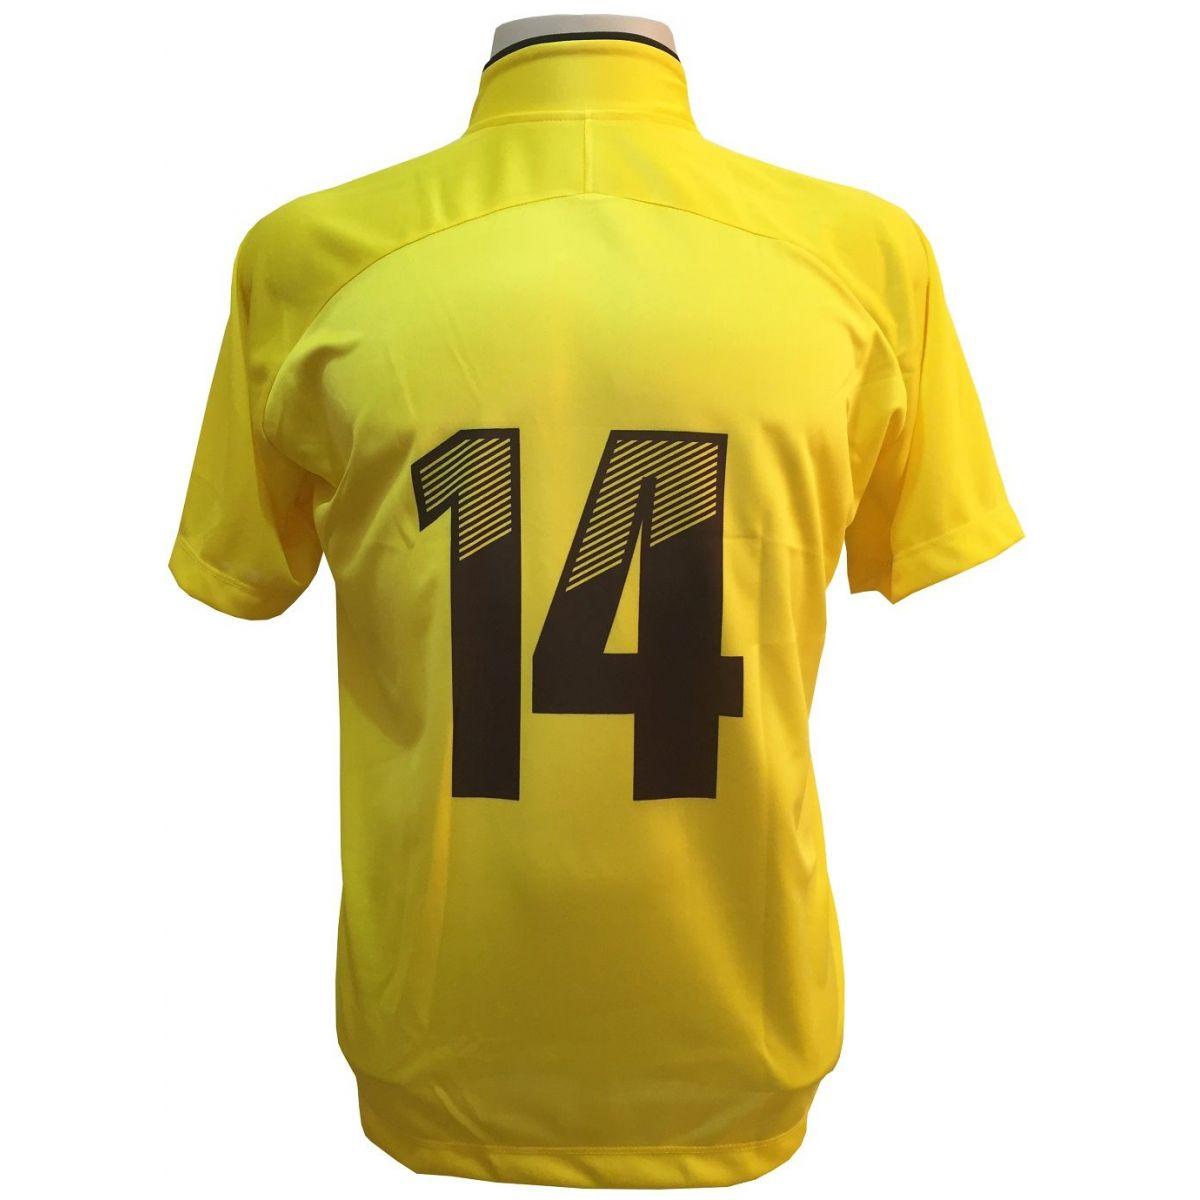 Uniforme Esportivo com 12 Camisas modelo City Amarelo/Preto + 12 Calções modelo Madrid Preto + 12 Pares de meiões Amarelo   - ESTAÇÃO DO ESPORTE